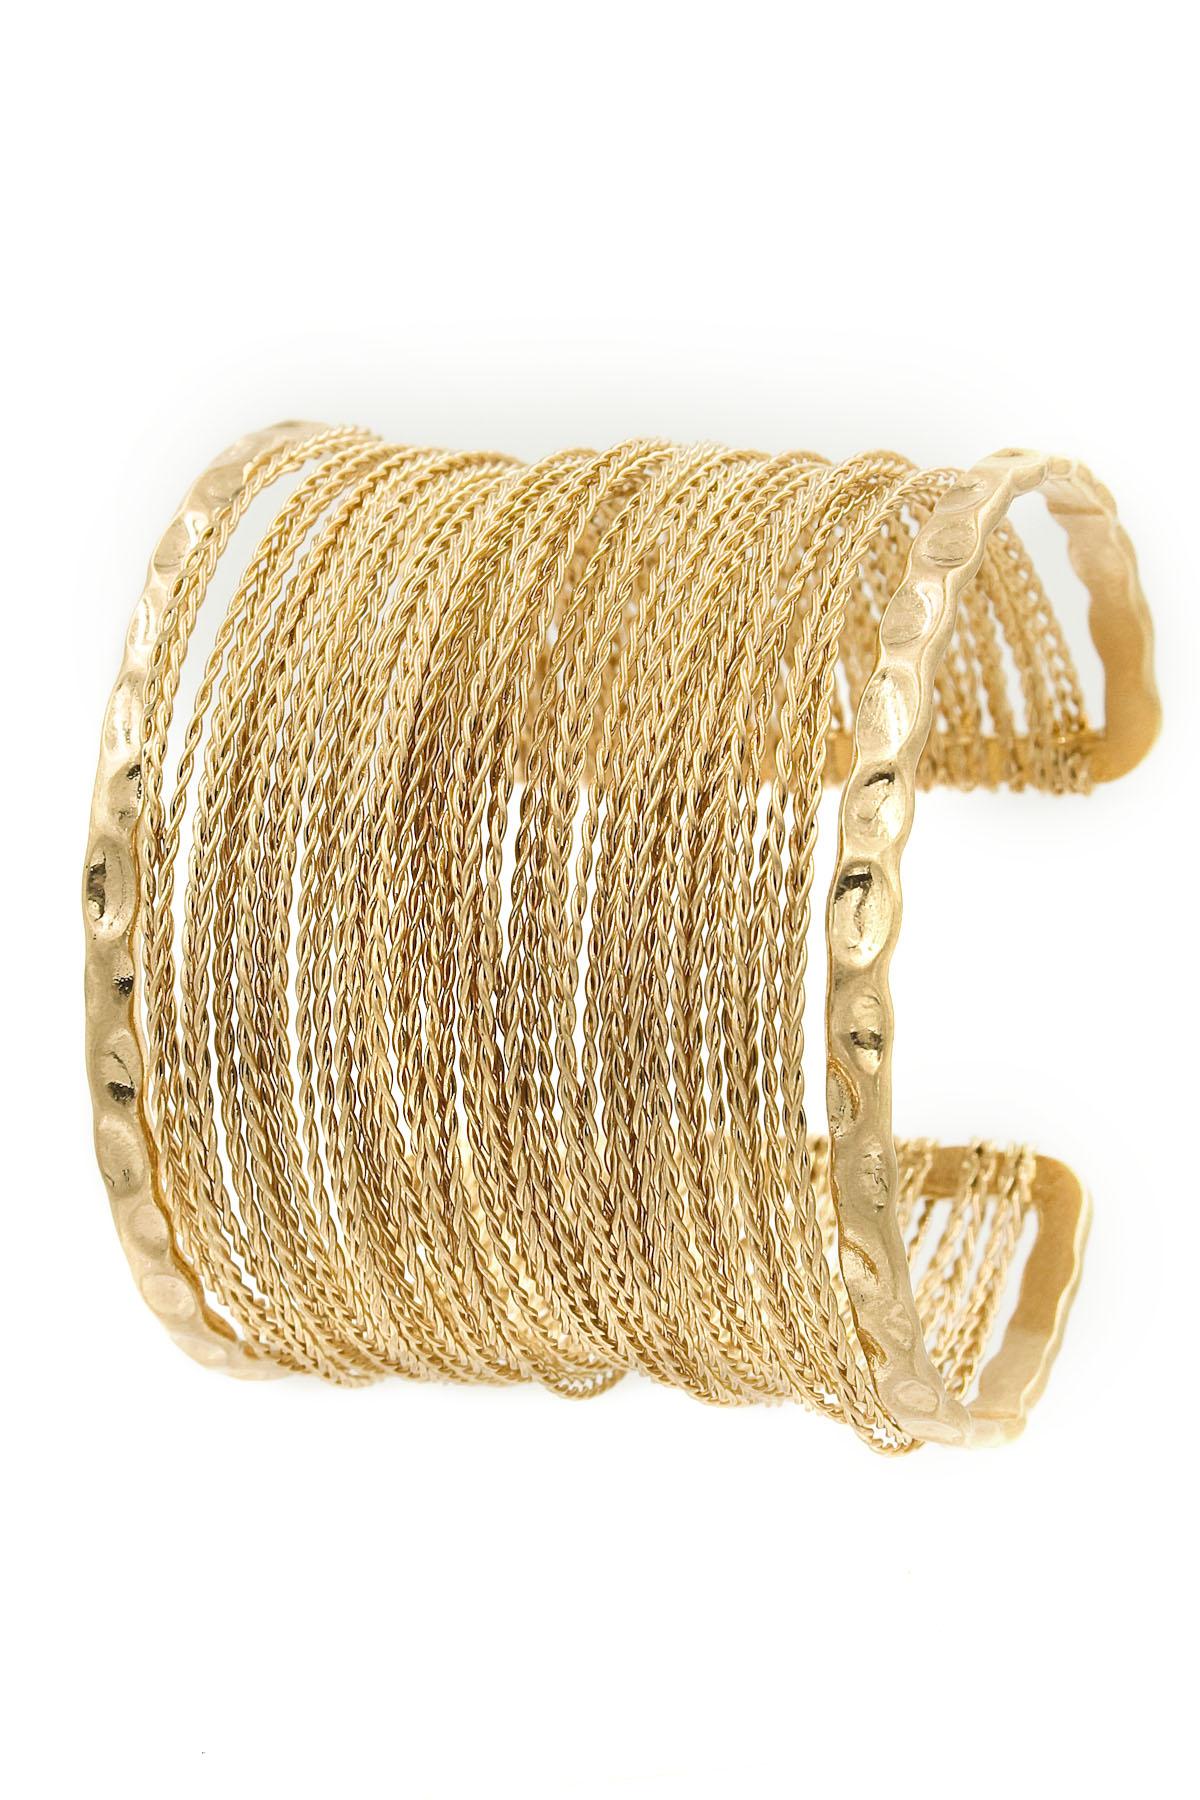 Metal Wire Cuff Bracelet - Bracelets